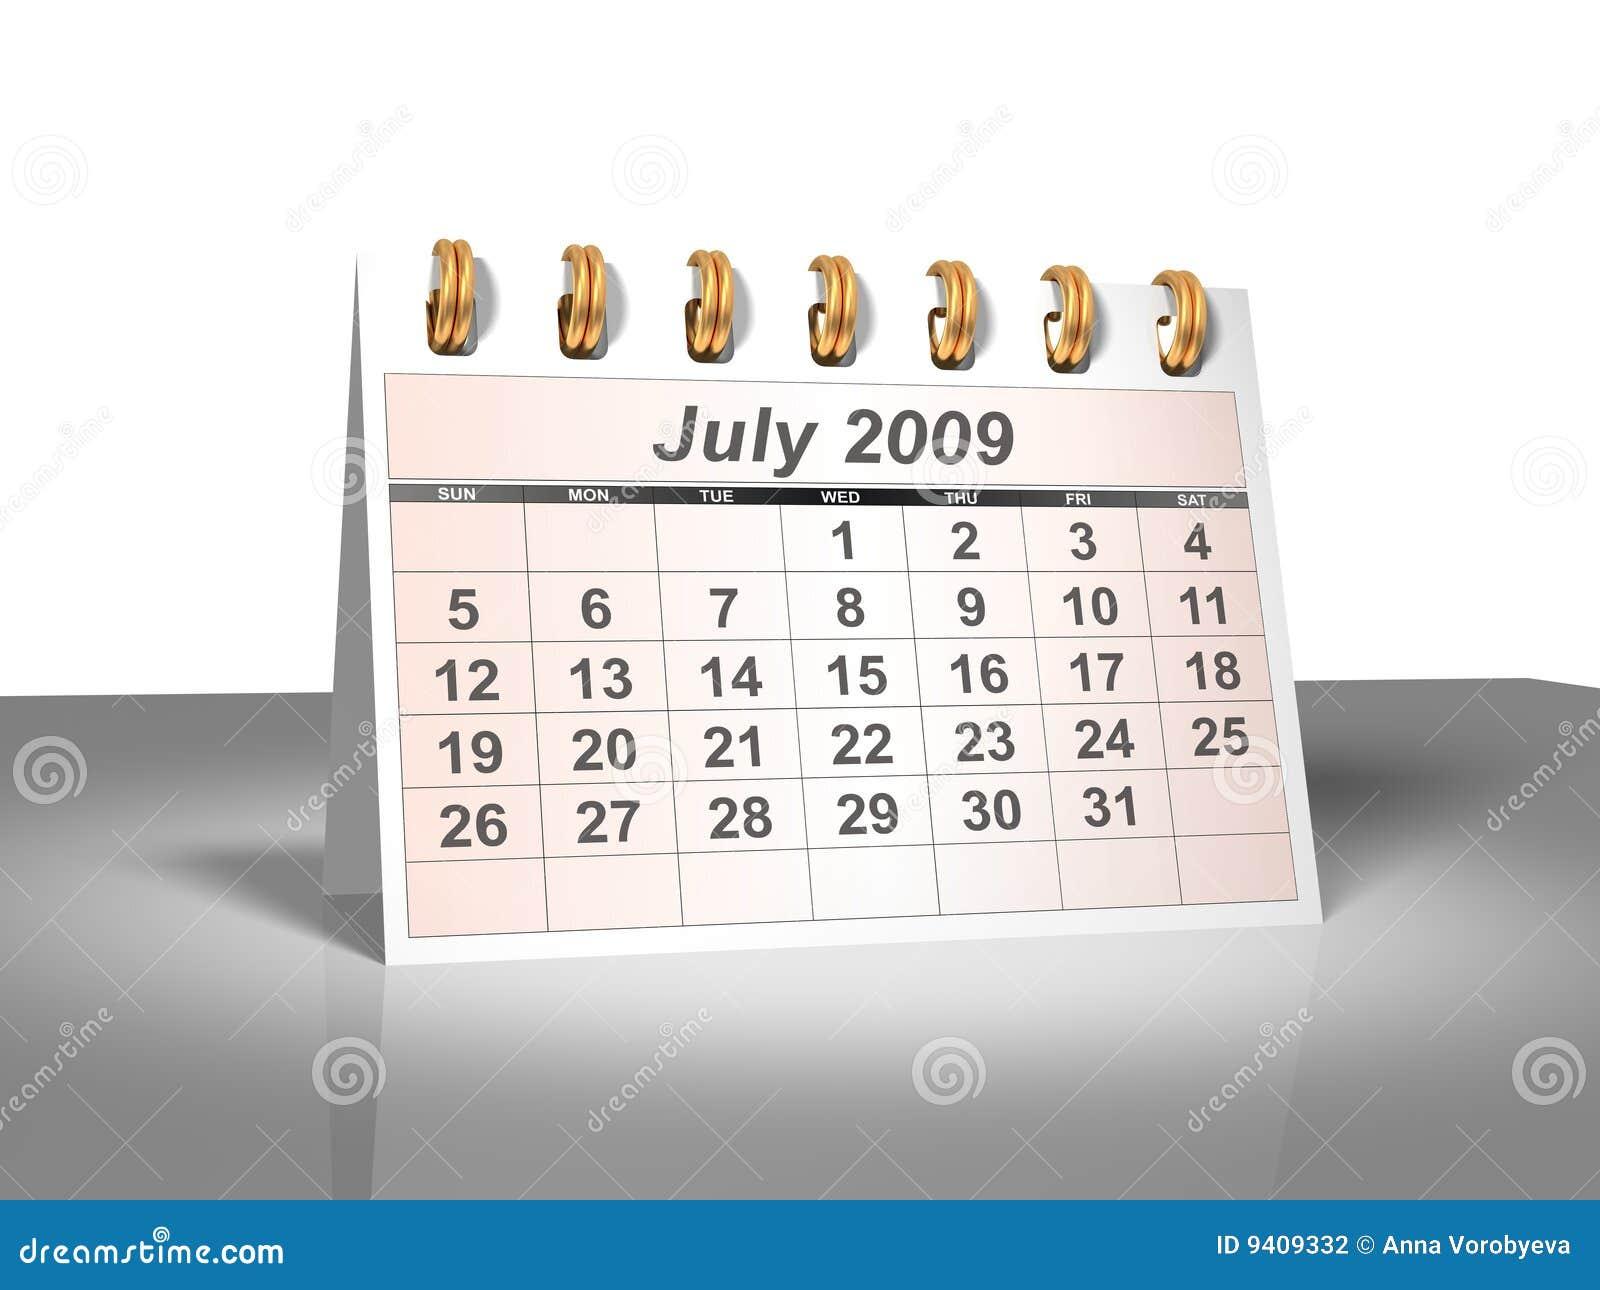 Desktop Calendar (3D). July, 2009.